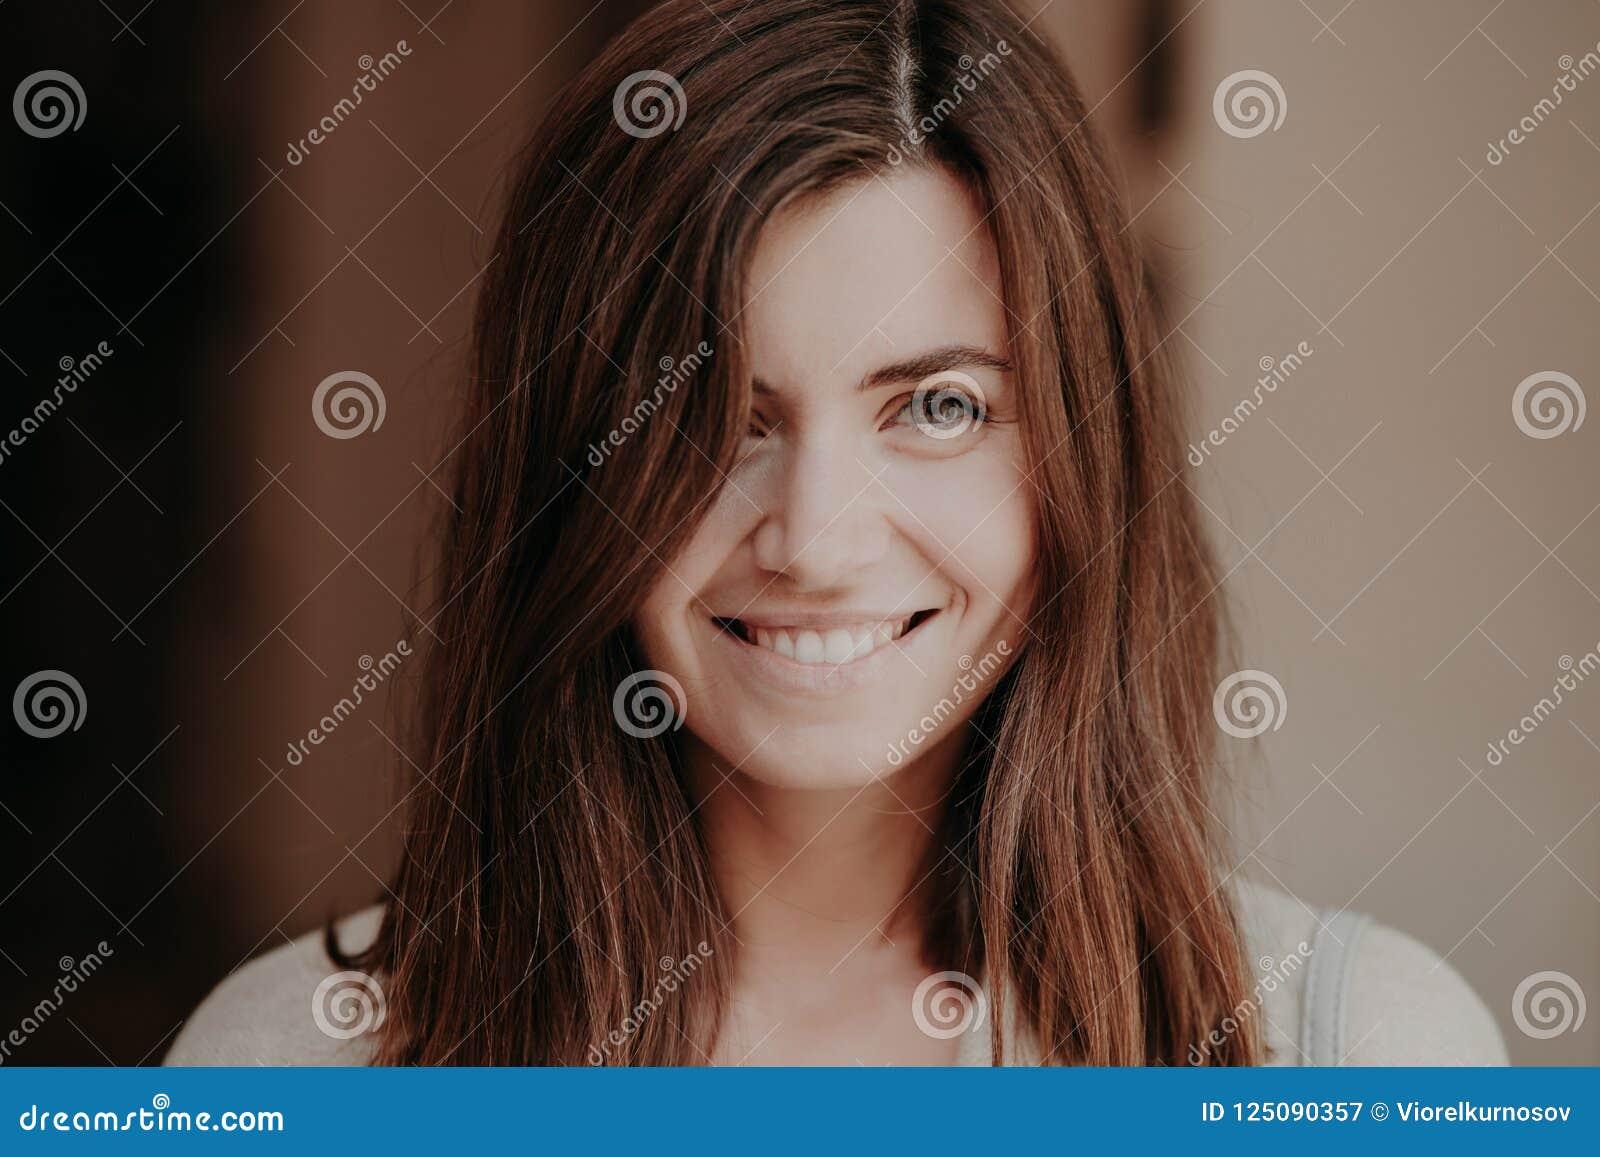 Κλείστε επάνω το πορτρέτο της ευτυχούς γυναίκας brunette με το οδοντωτό χαμόγελο, εξετάζει ευτυχώς τη κάμερα, υγιές δέρμα, φυσική